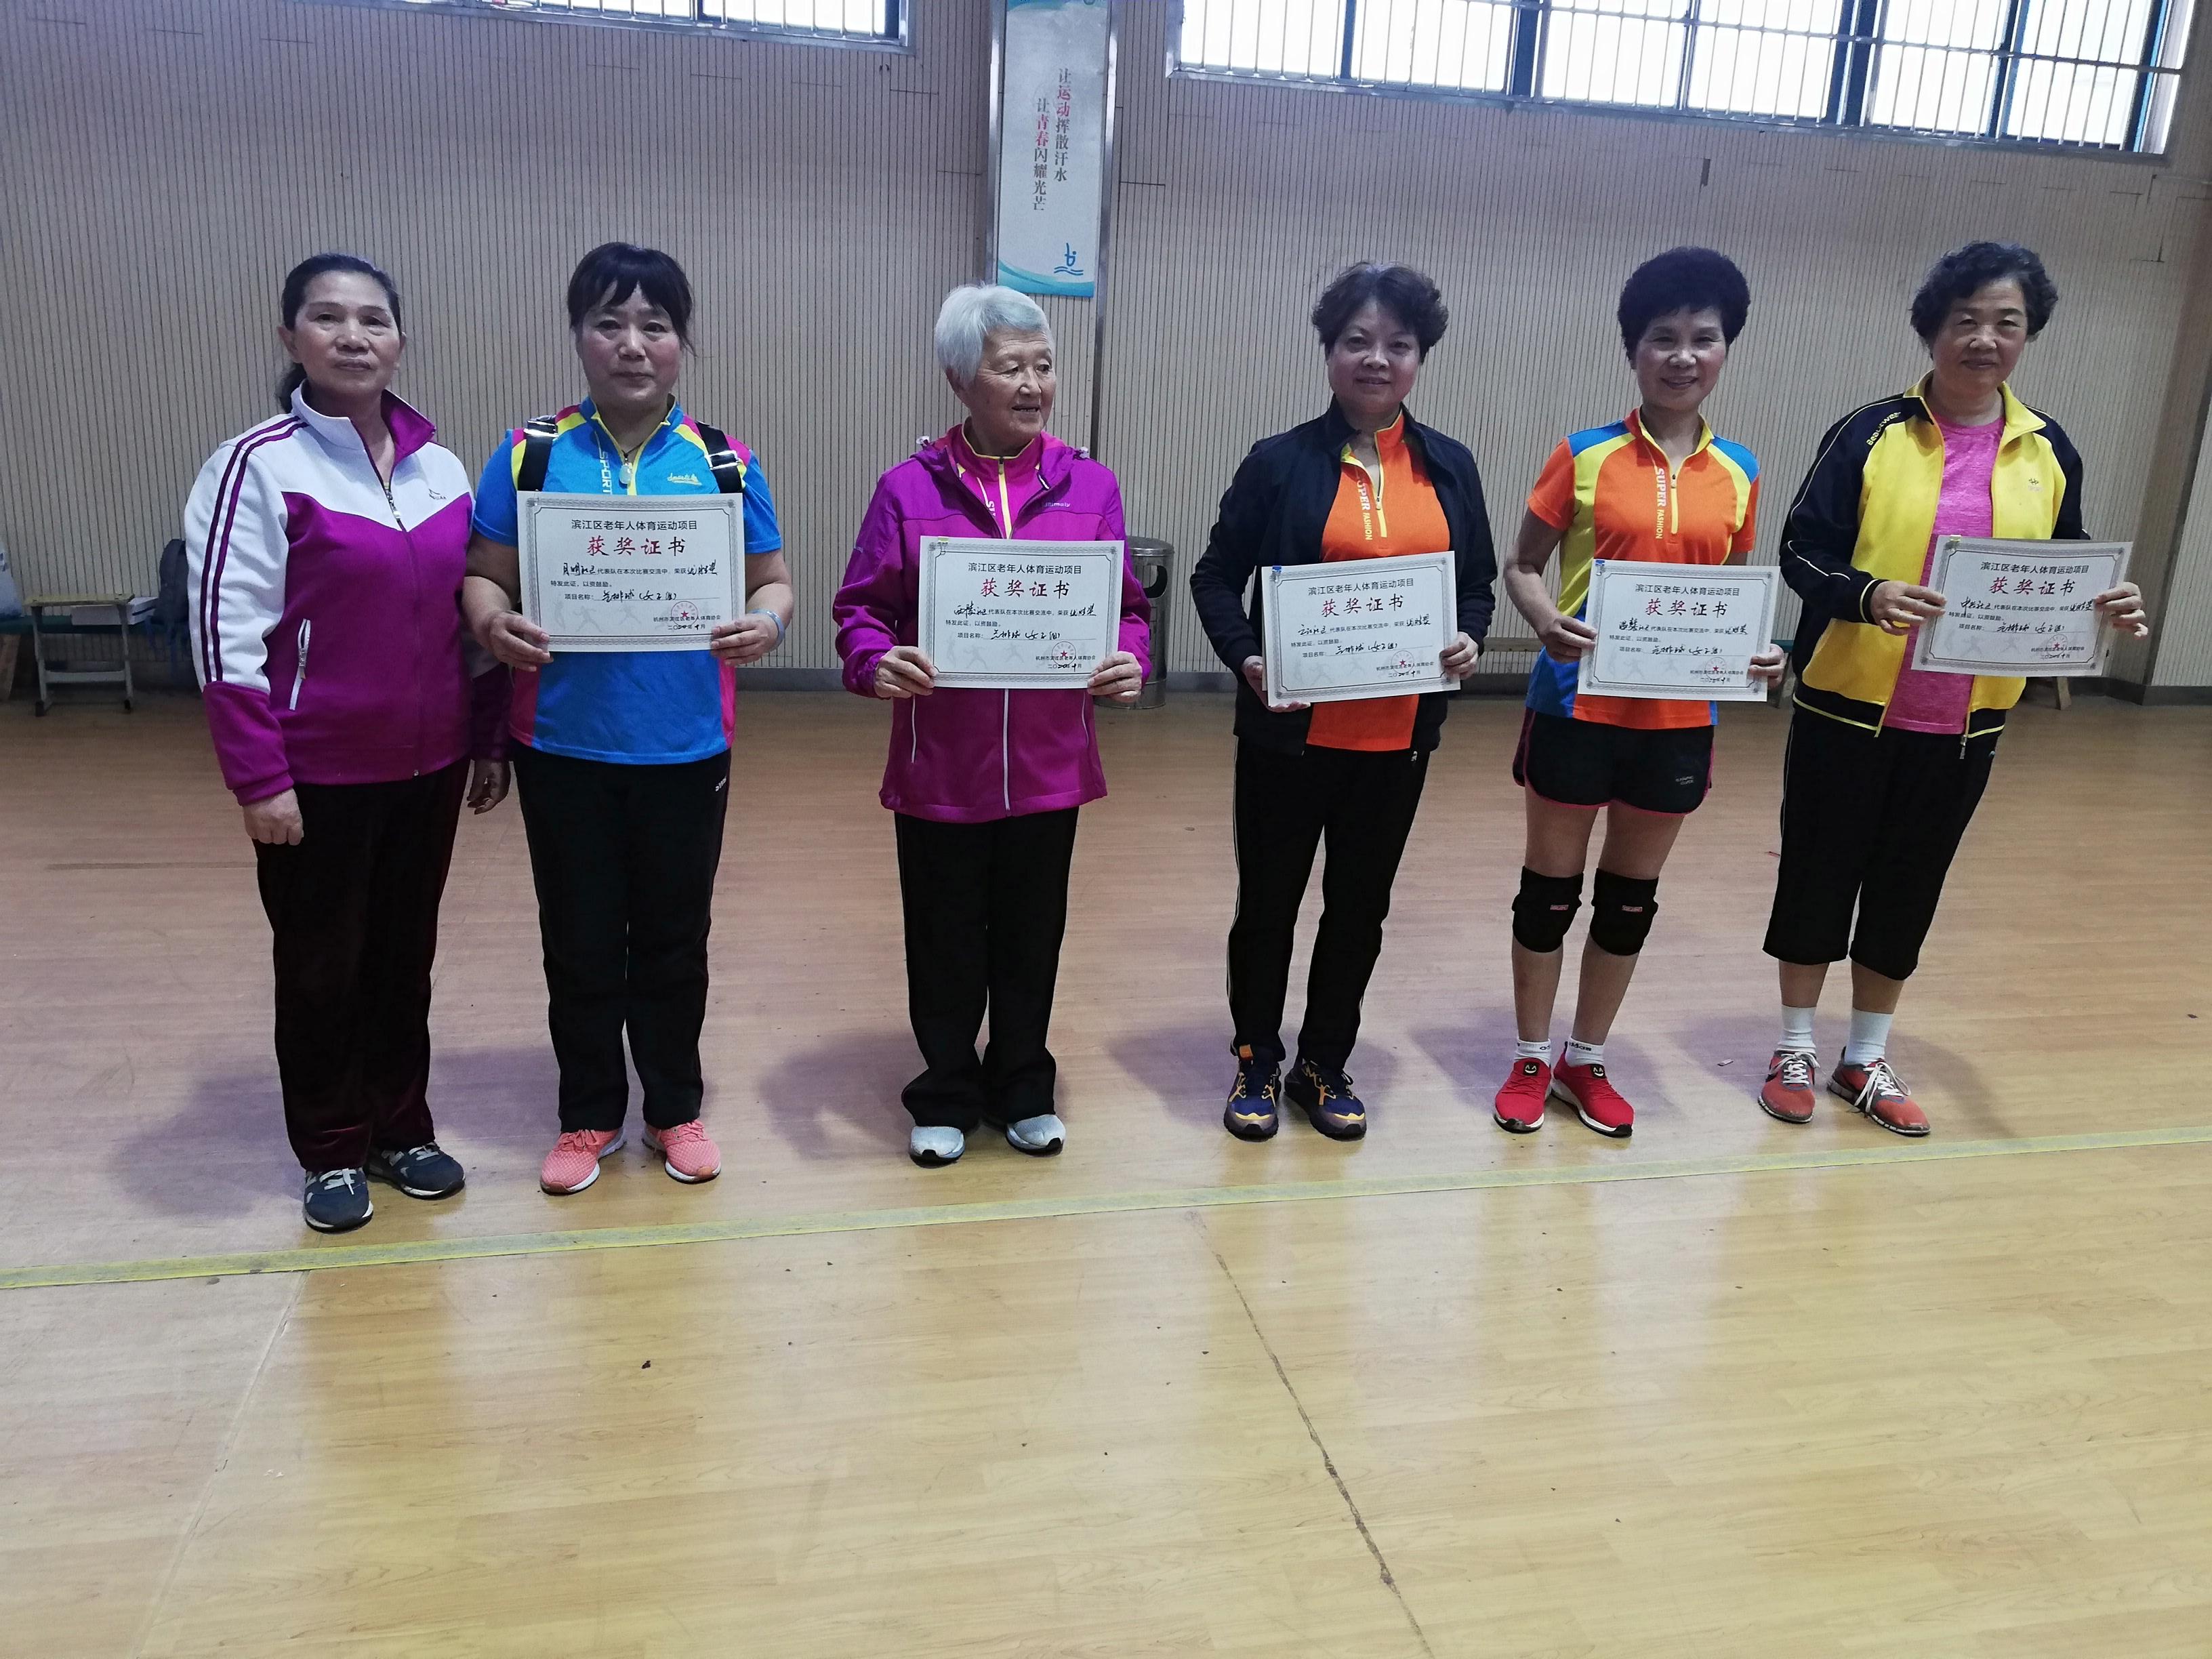 中兴社区居民参加滨江区老年人气排球交流活动赛获得男女双料冠军